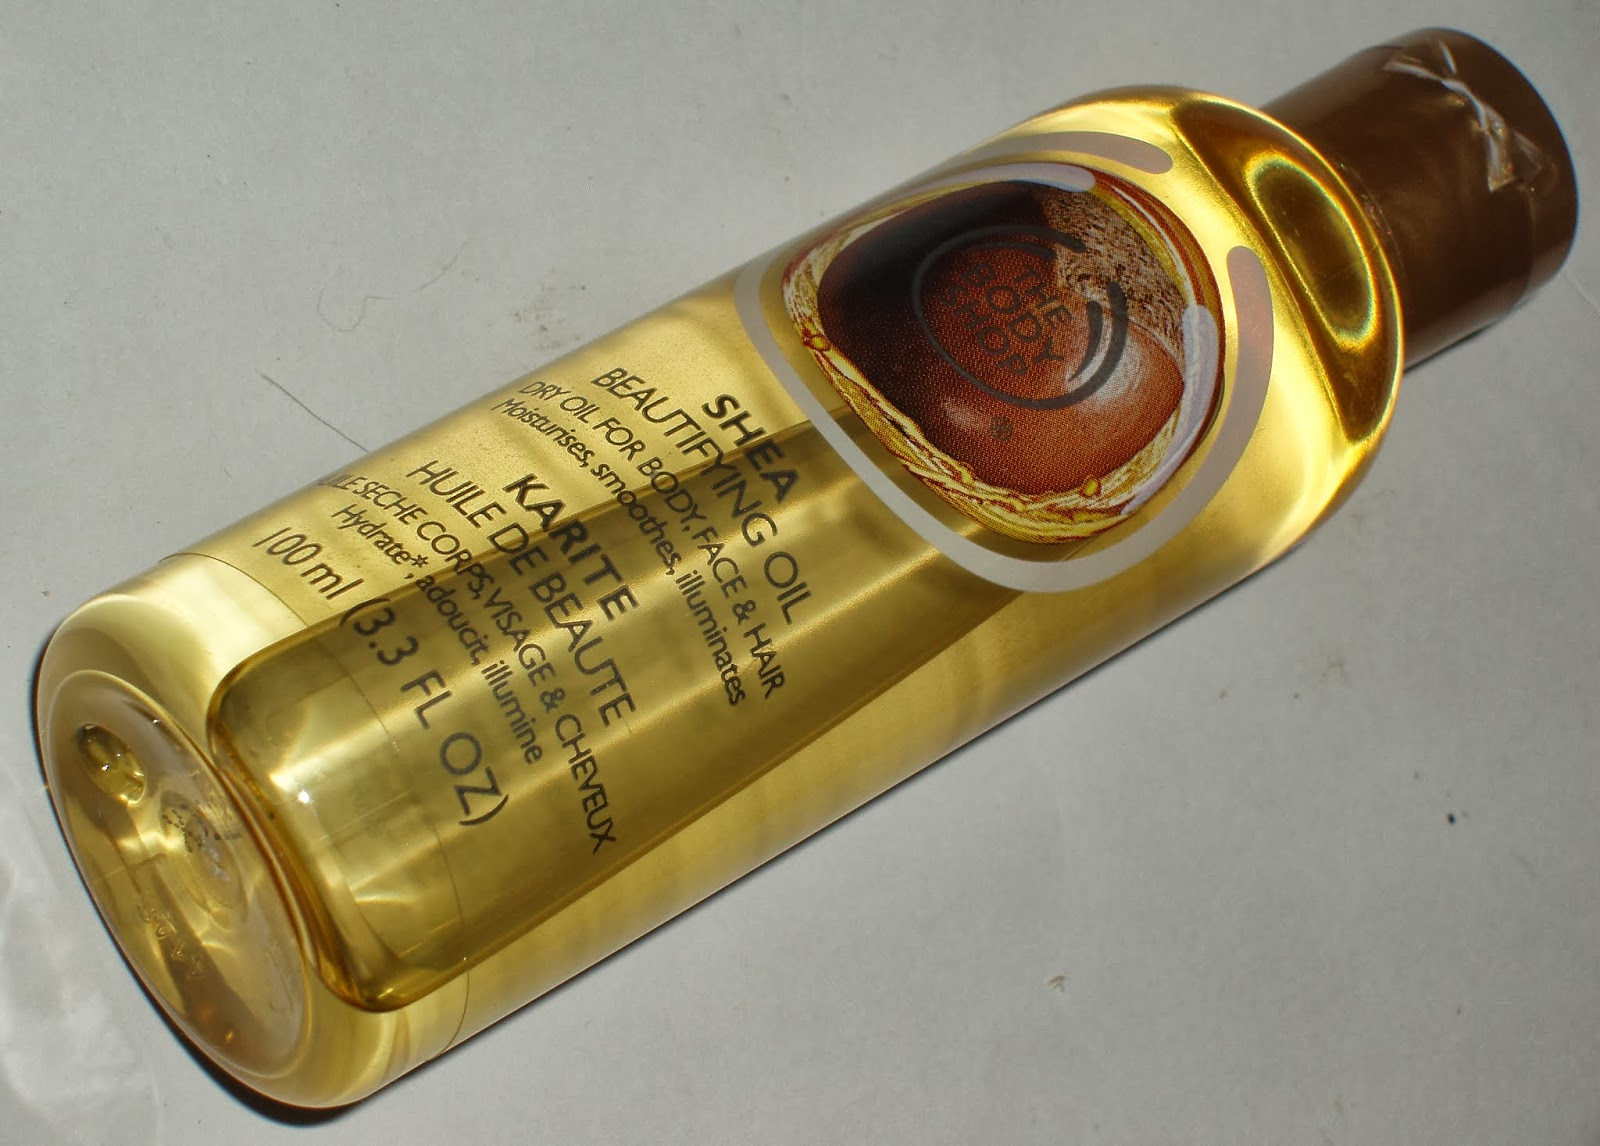 4.bp.blogspot.com_-3kl9_VipHkc_UllAHaRlFeI_AAAAAAAAIvA_BKzOHDNCof0_s1600_P1010270+-+TBS+Shea+beautifying+oil